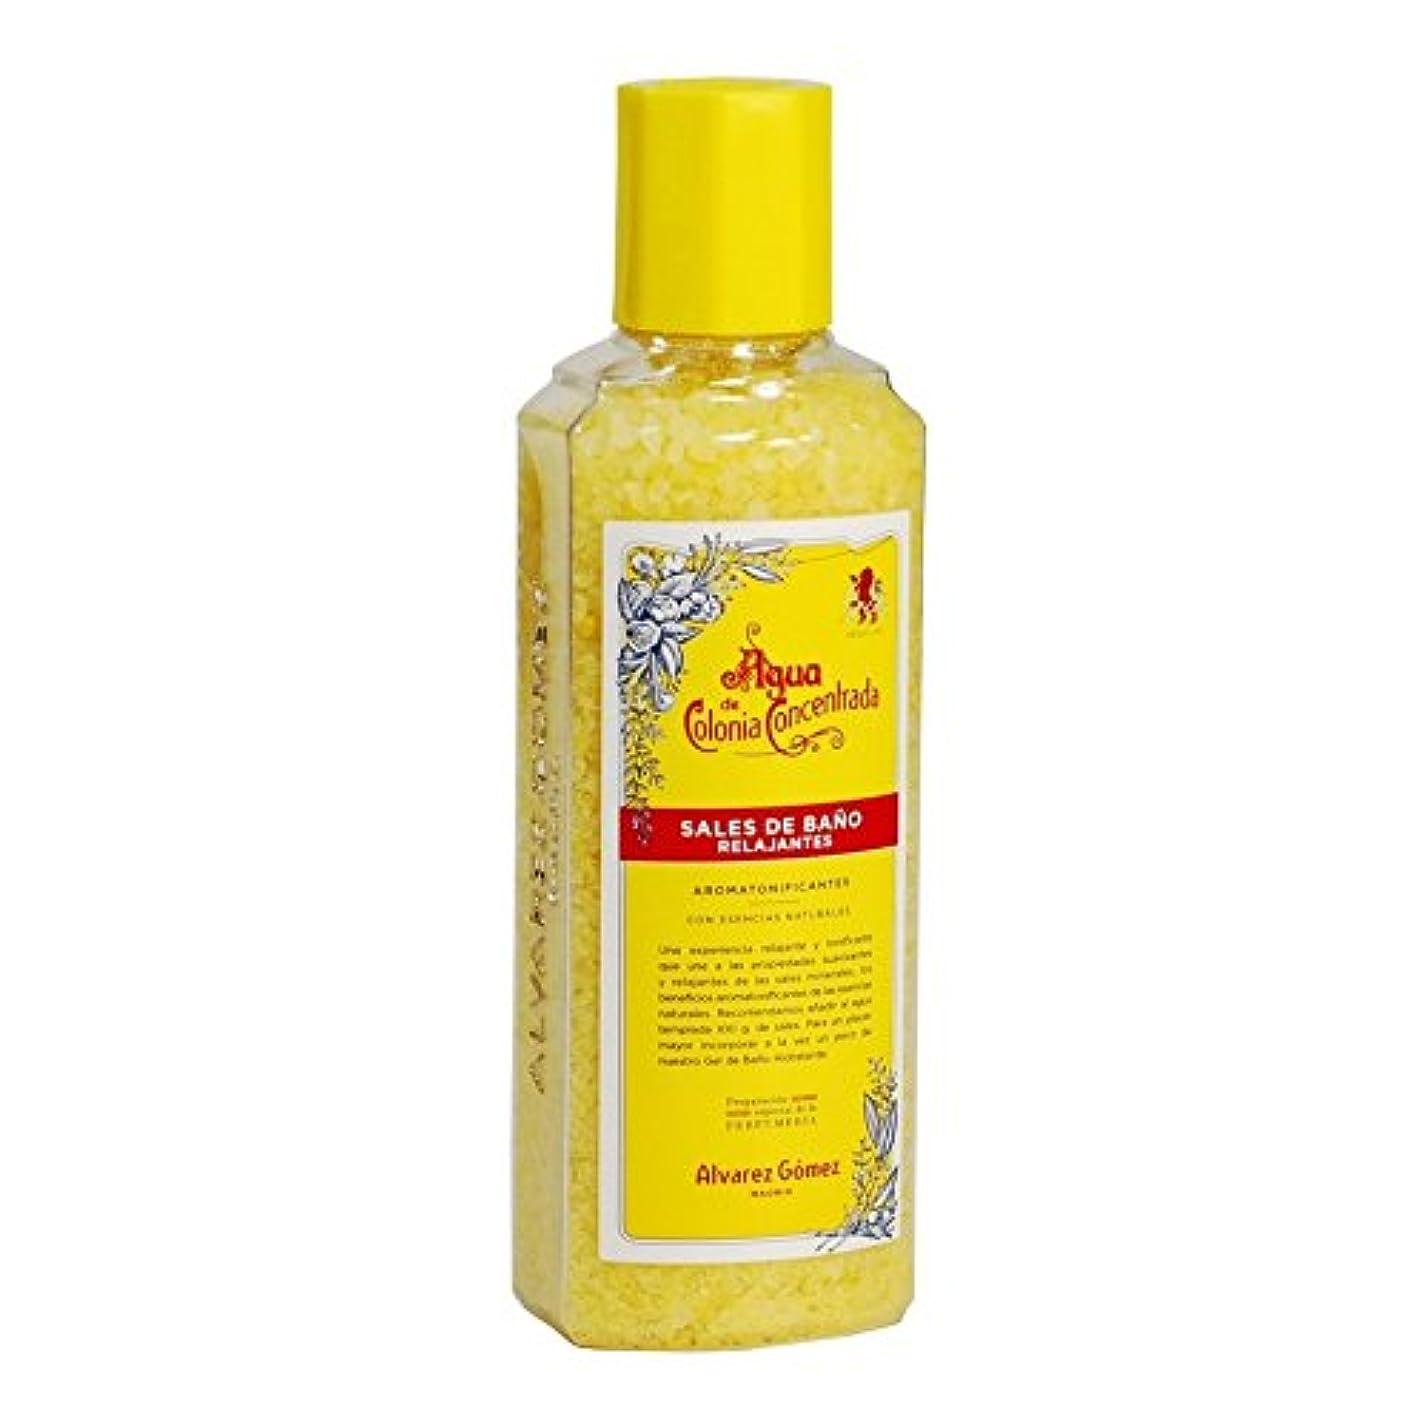 肥料ベンチ慈悲?lvarez G?mez Agua de Colonia Concentrada Bath Salts 300g (Pack of 6) - アルバレス?ゴメスアグア?デ?コロニア入浴剤300グラム x6 [並行輸入品]